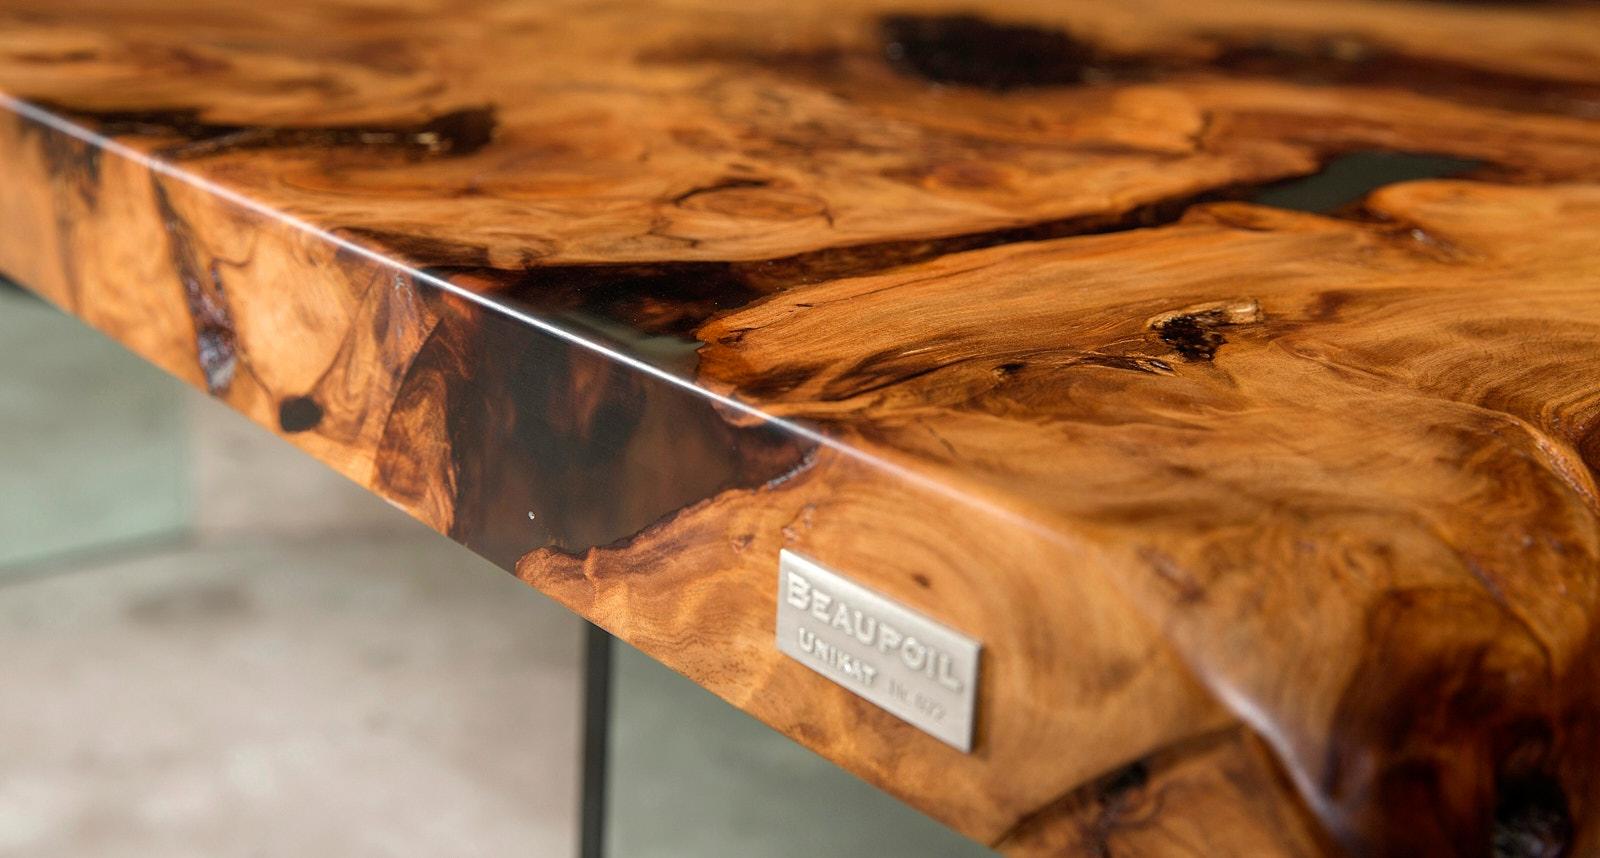 Wertvoller original Kauri Tisch von Beaupoil ein echtes Unikat Möbel und außergewöhnliche Wertanlage, Unikattisch und Möbelunikat an einem Stück mit außergewöhnlicher Schönheit und Ästhetik